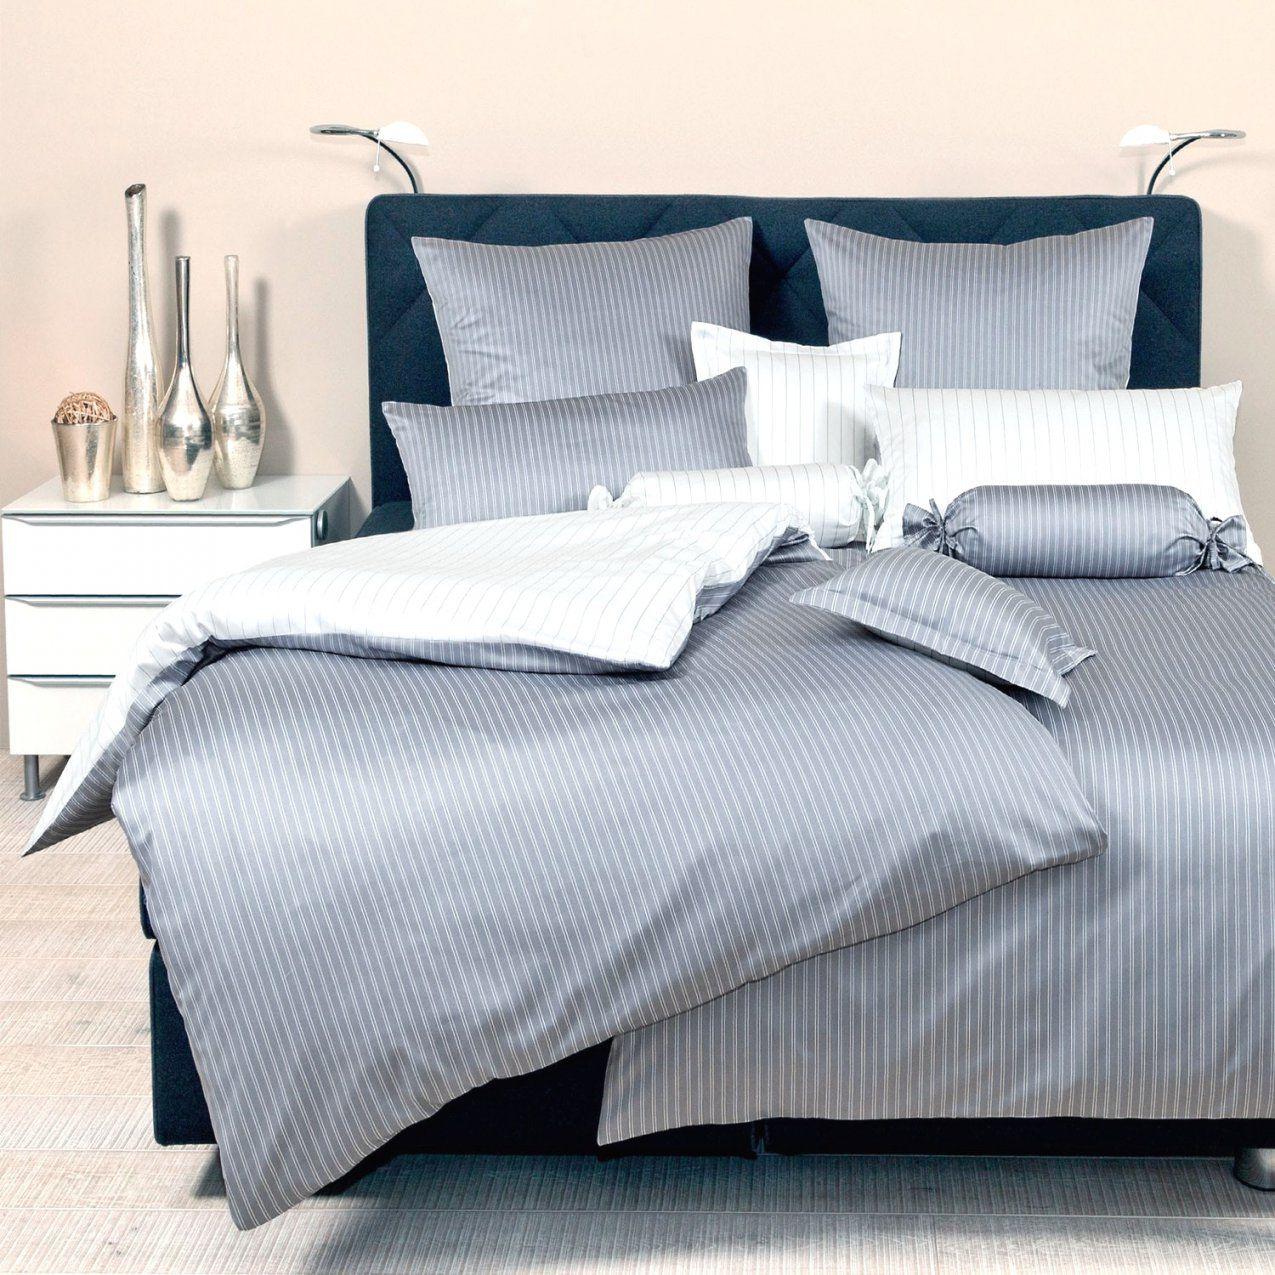 phantasievolle ideen aldi bettw sche 155 220 und wunderbare 155 220 von aldi bettw sche 155x220. Black Bedroom Furniture Sets. Home Design Ideas